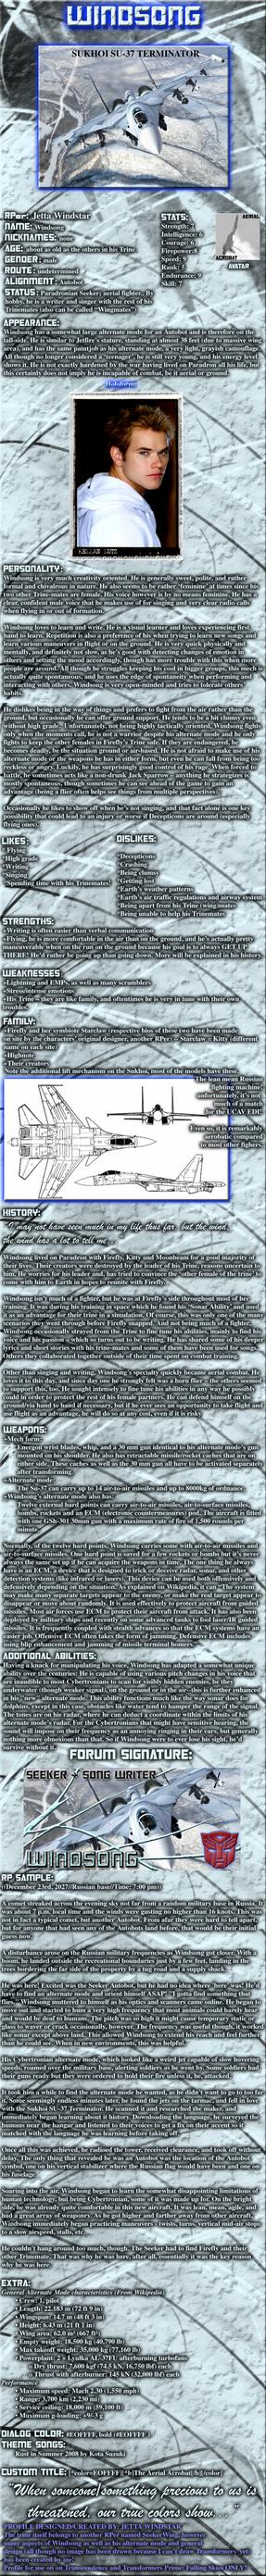 Seeker Windsong Image Profile by Jetta-Windstar